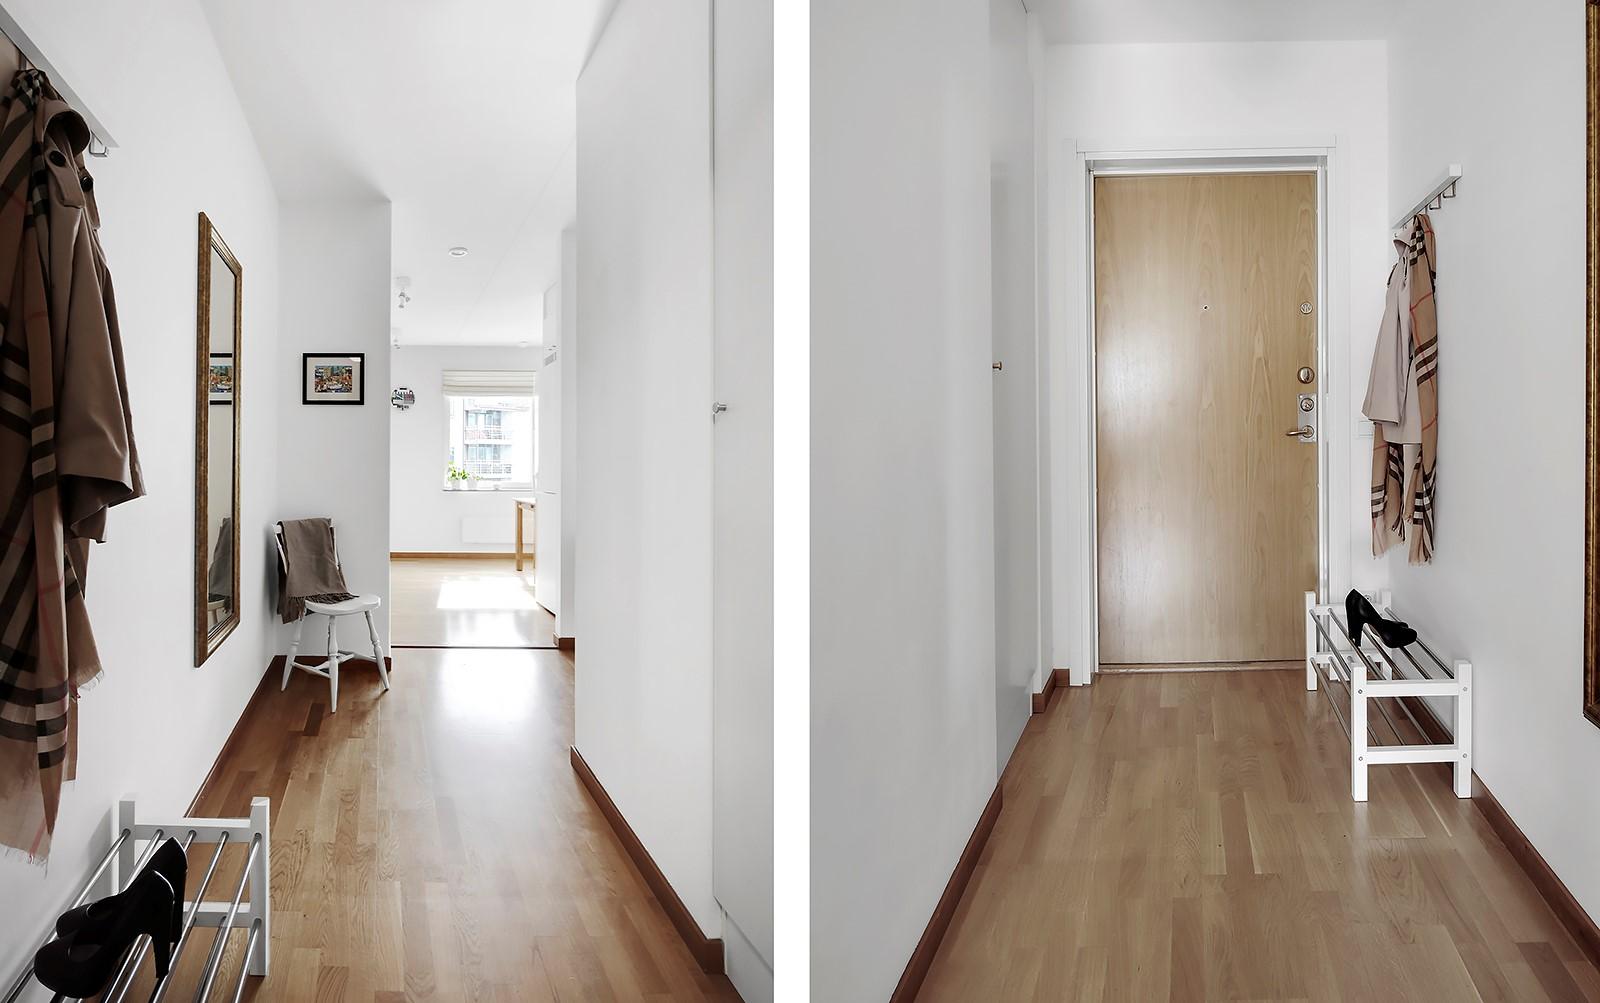 Hildebergsvägen 4, 3 tr - Hall med plats för avhängning och förvaring i garderob